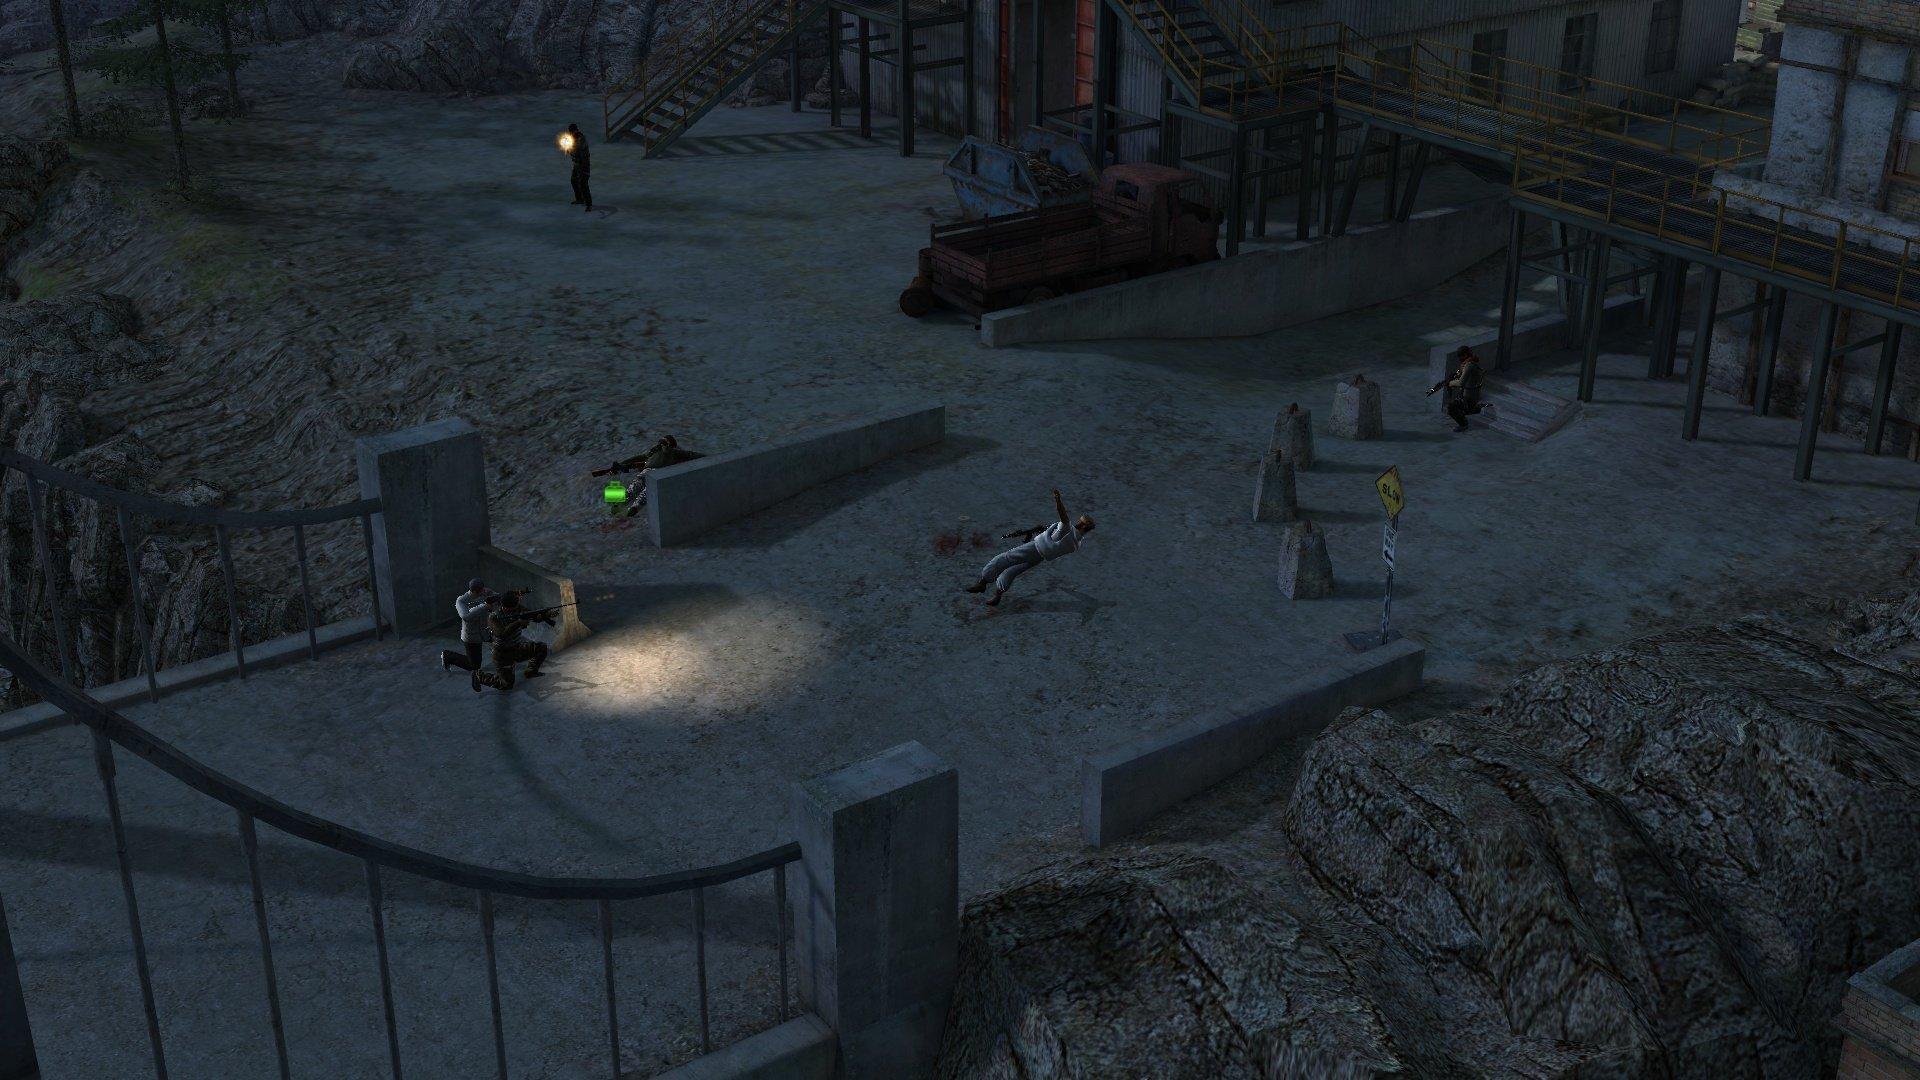 На этой странице предоставлена торрент ссылка благодаря которой вы можете скачать игру jagged alliance